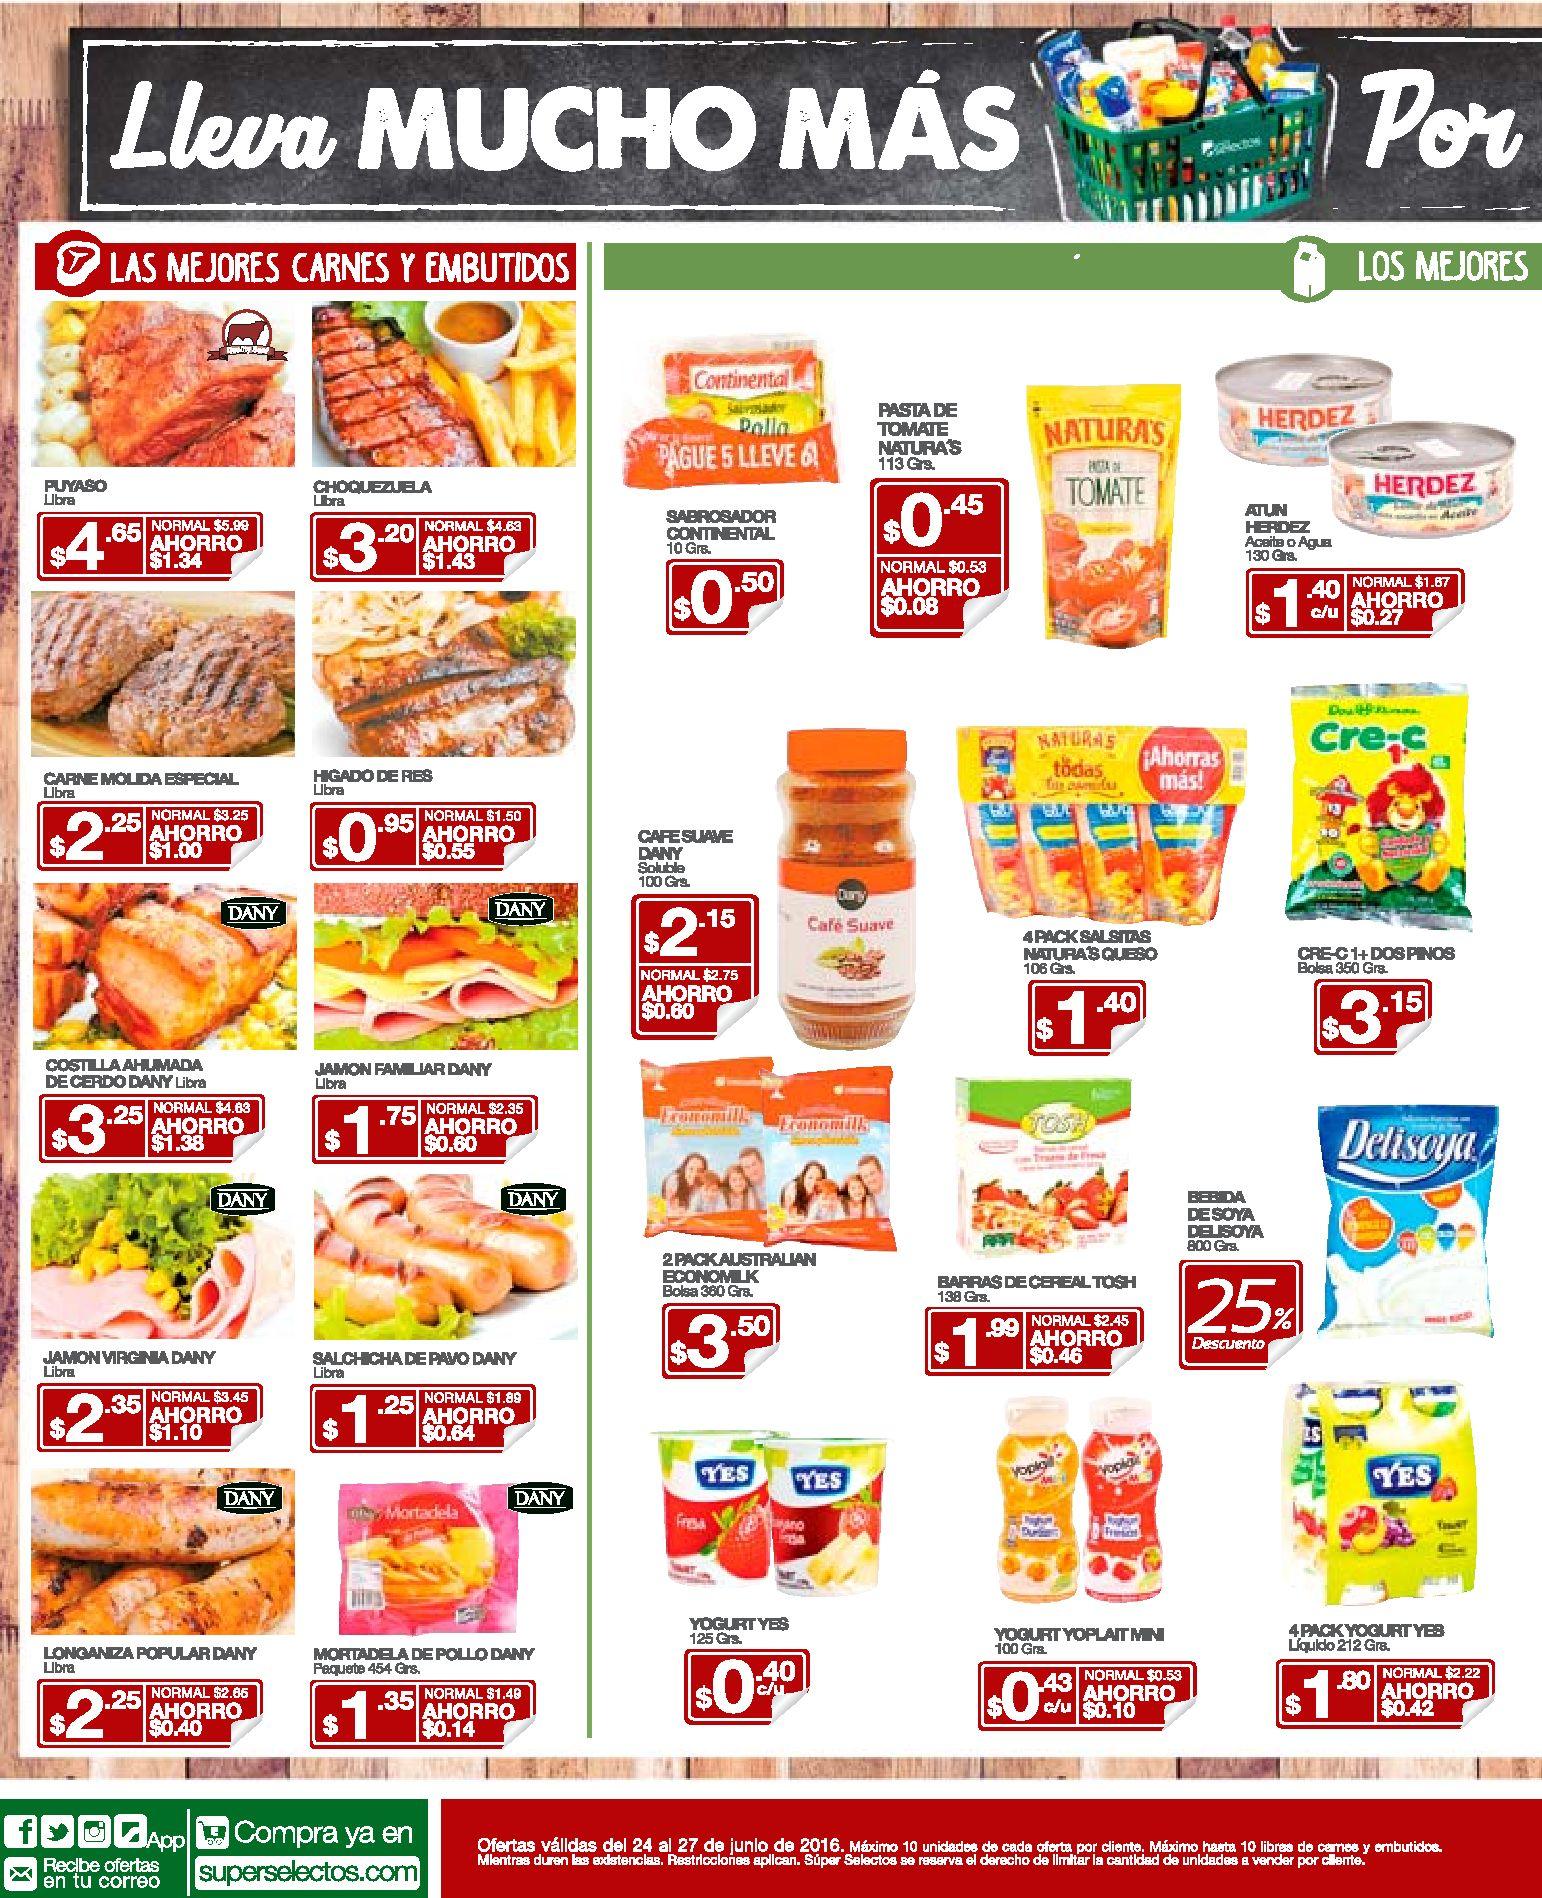 Lacteaos carnes y embutidos al buen precio - 24jun16